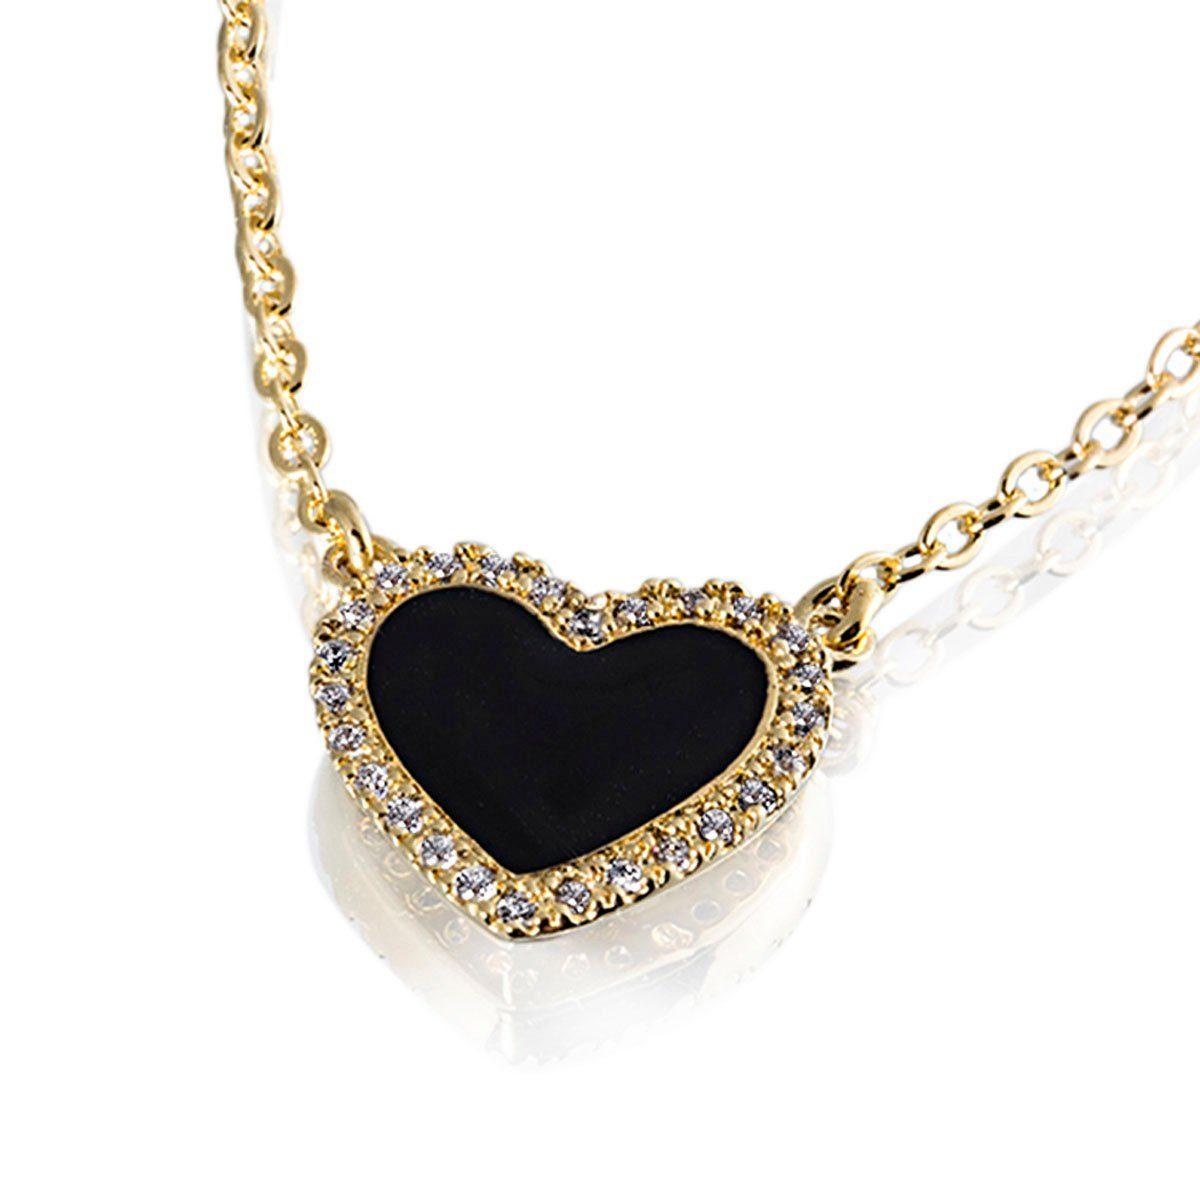 Averdin Collier Herz mit schwarzem Lack 26 Zirkonia - broschei